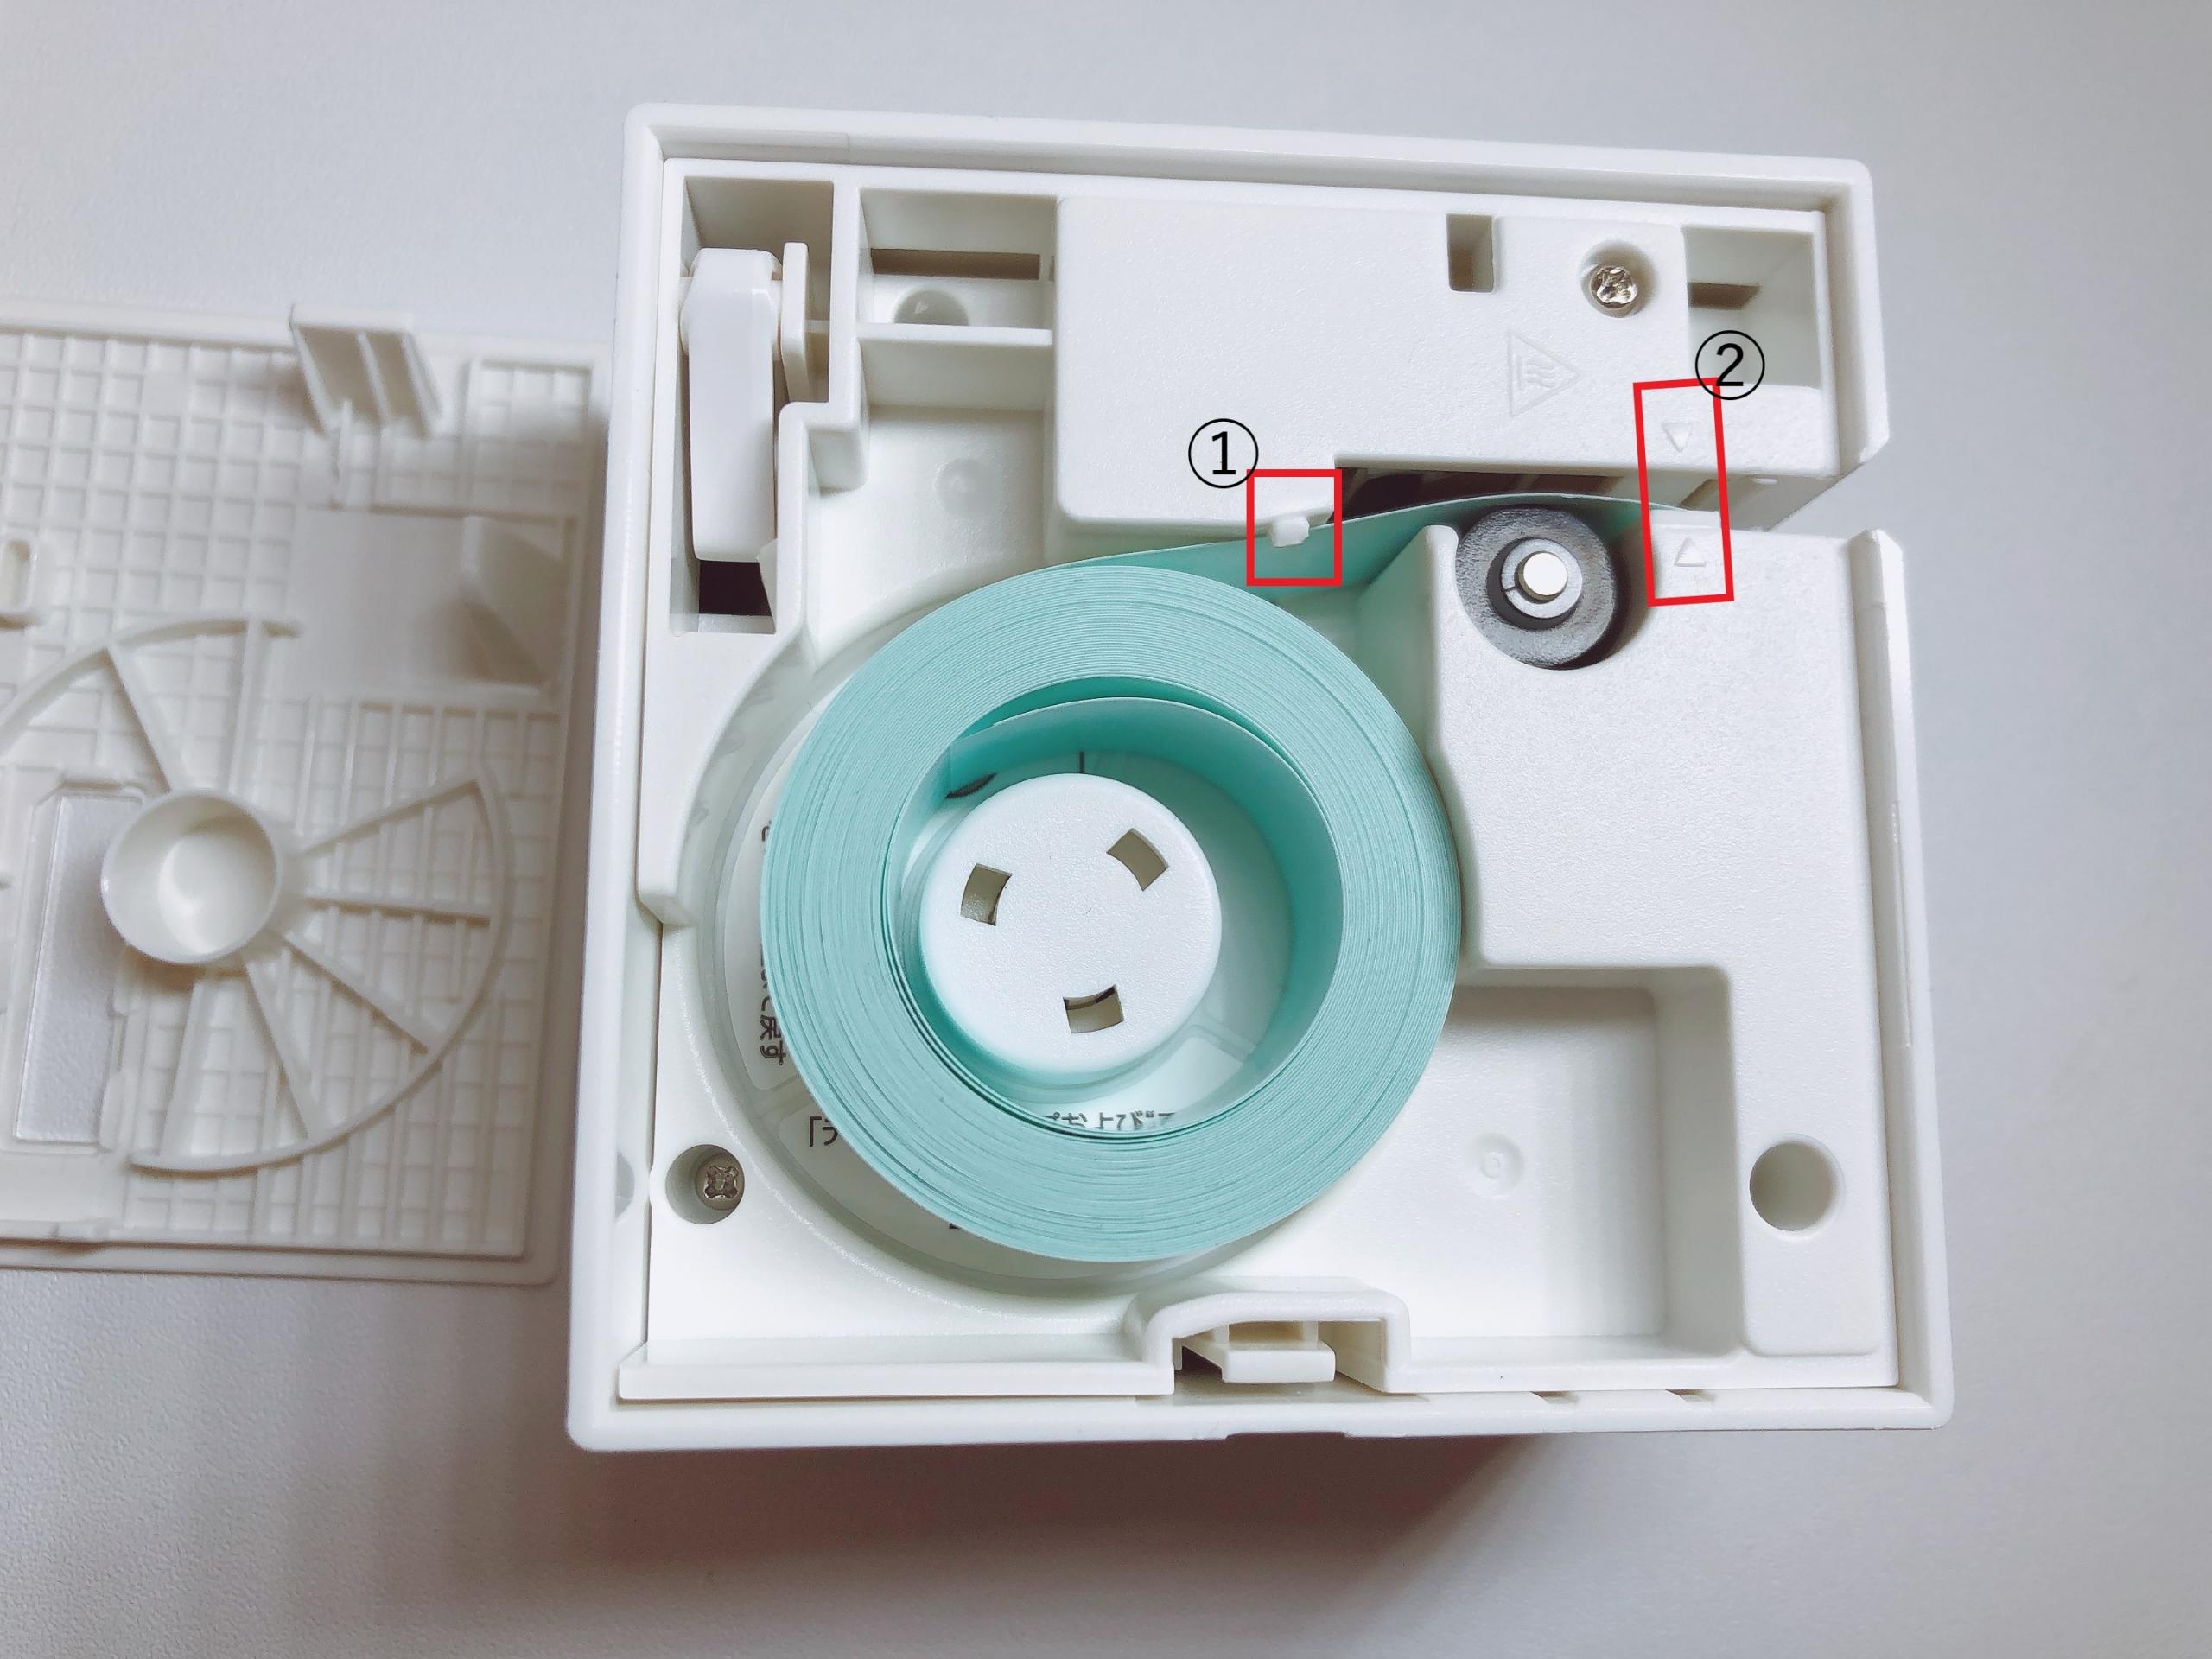 TEPRA liteのテープのセット方法